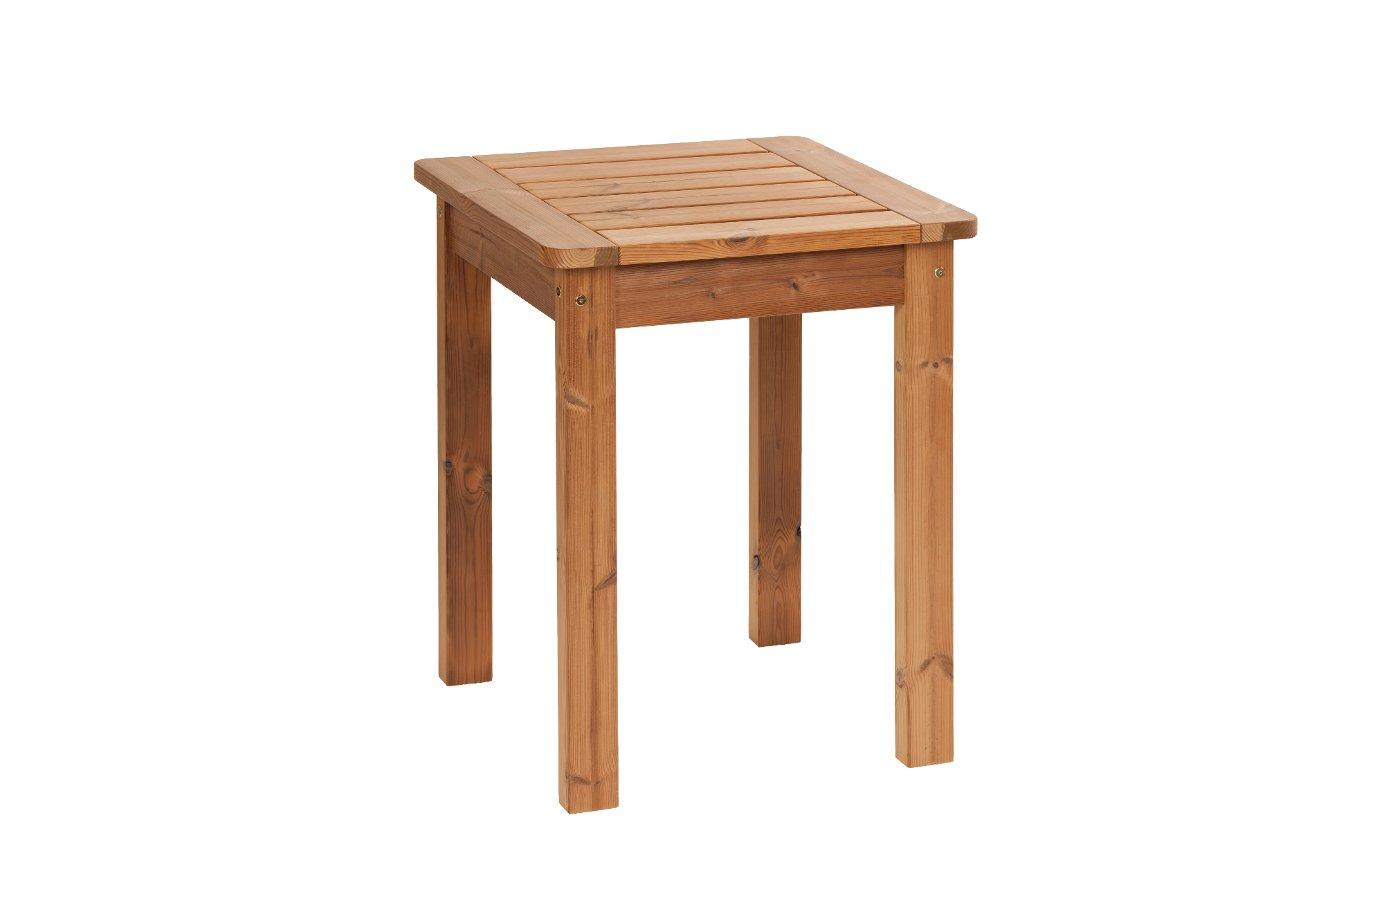 Gartenmöbel PROWOOD aus Massivholz THERMOWOOD – Tisch ST1 60 kaufen